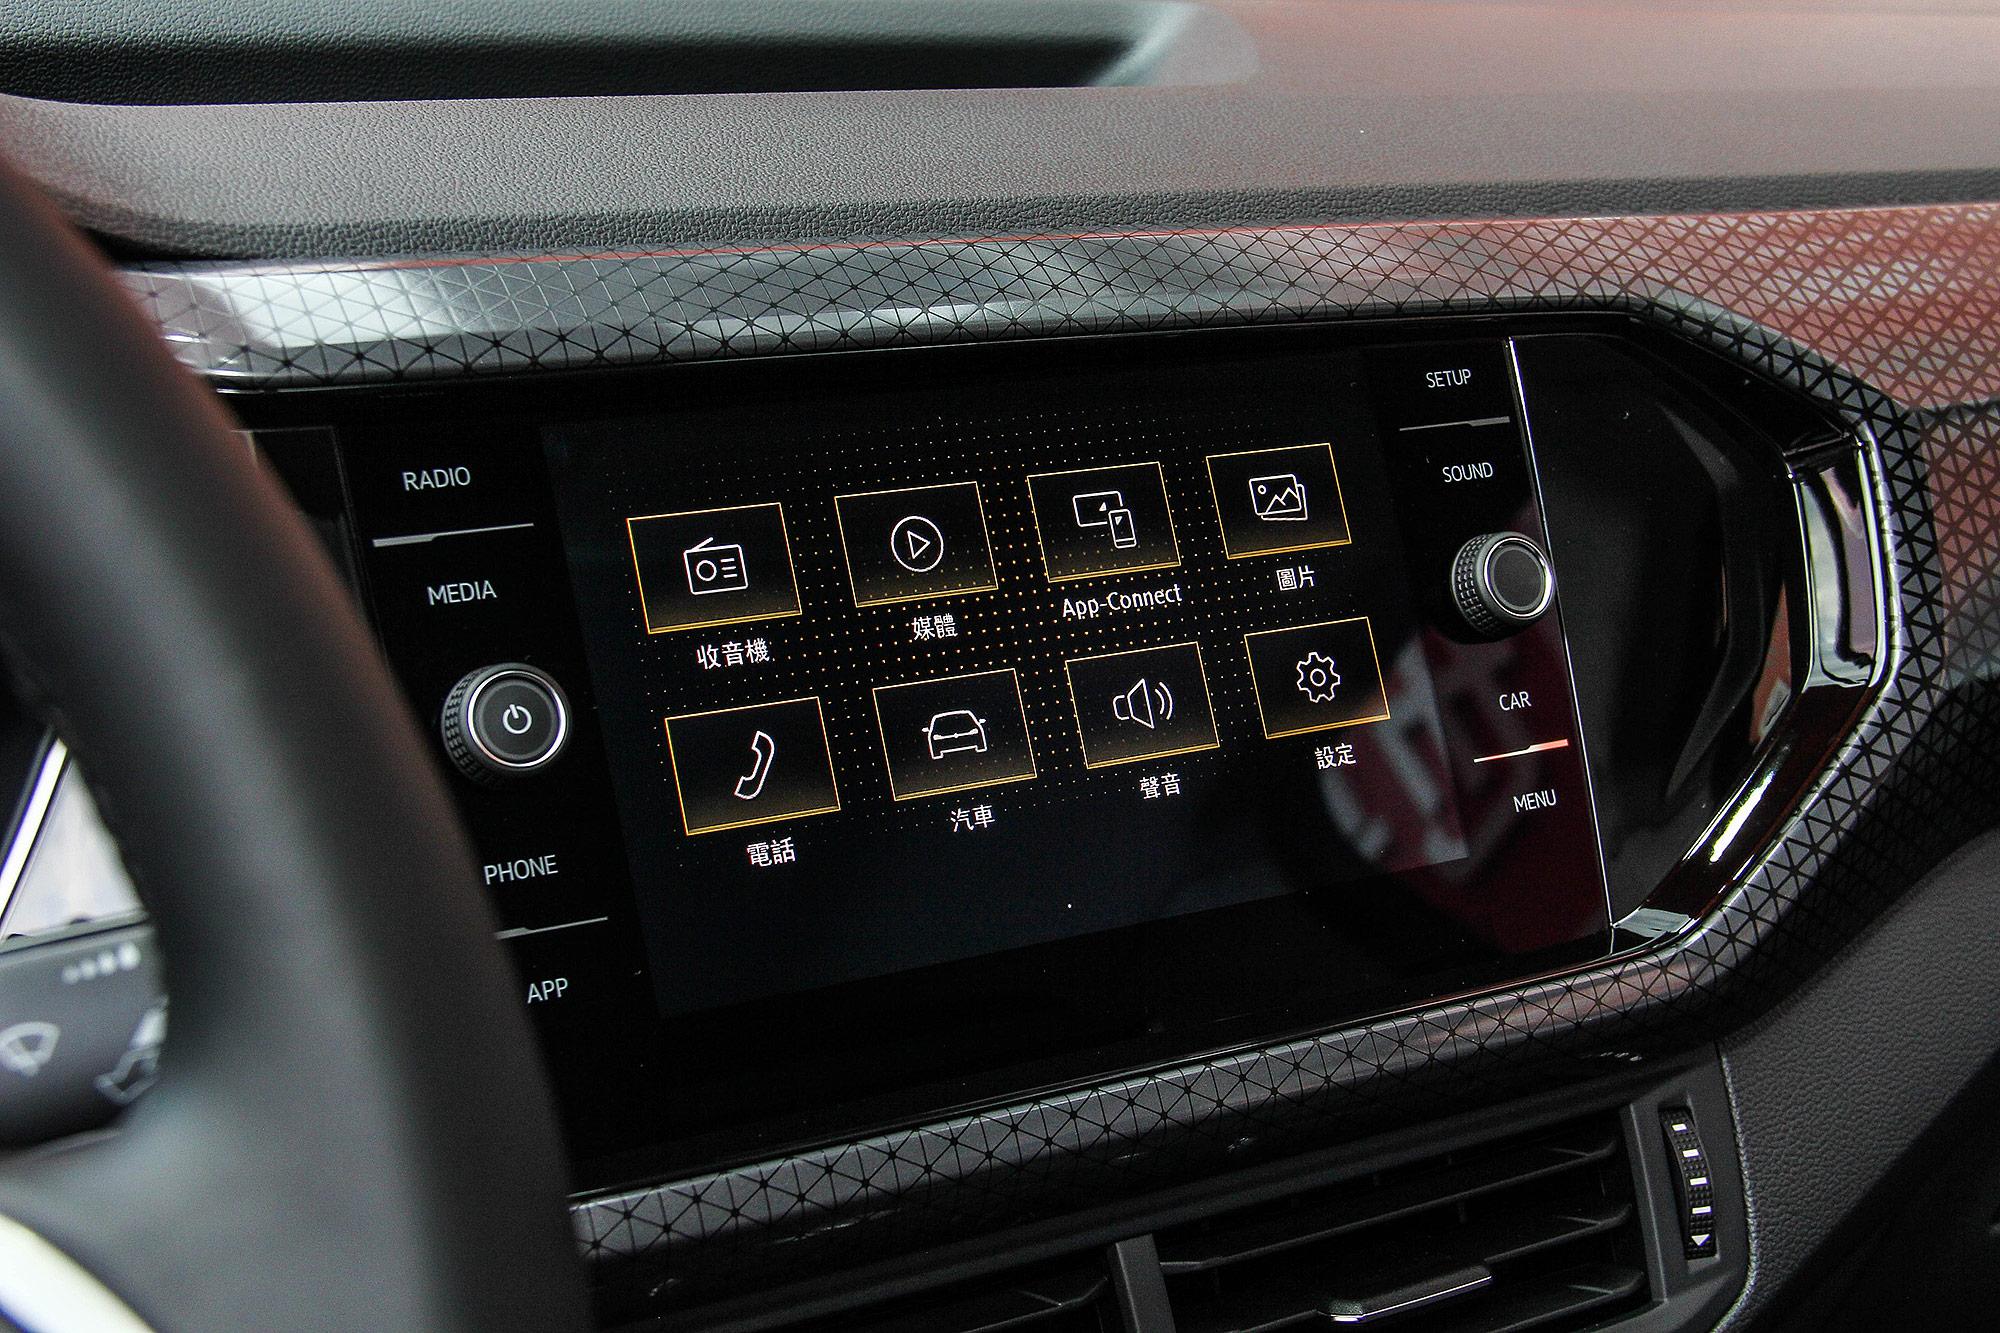 8 吋鏡面式觸控螢幕為全車系標配。